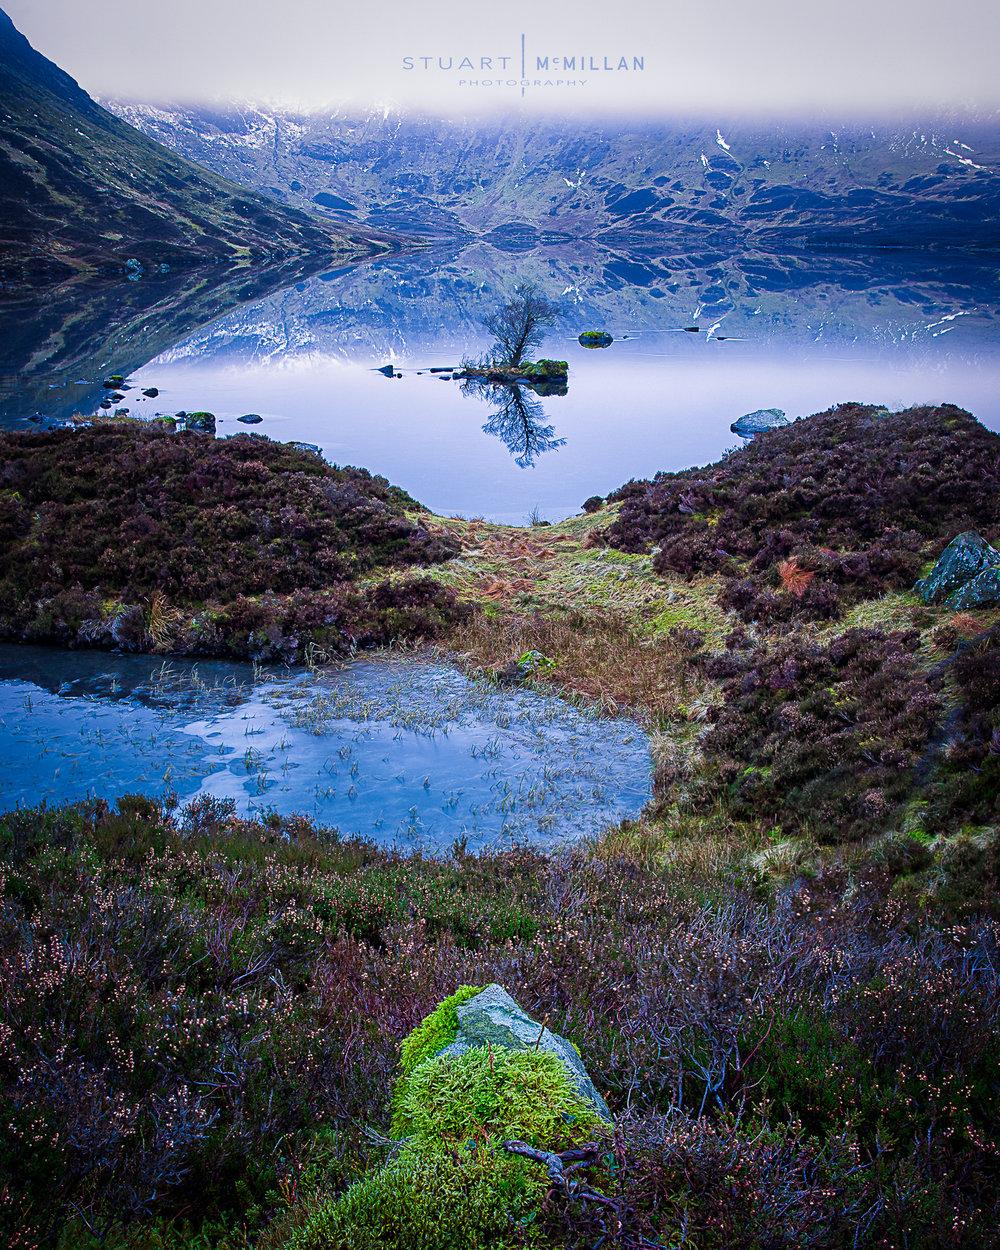 Loch Skeen 5D MKII | EF17-40mm f/4L USM | ISO 50 | Combination of 9 shots